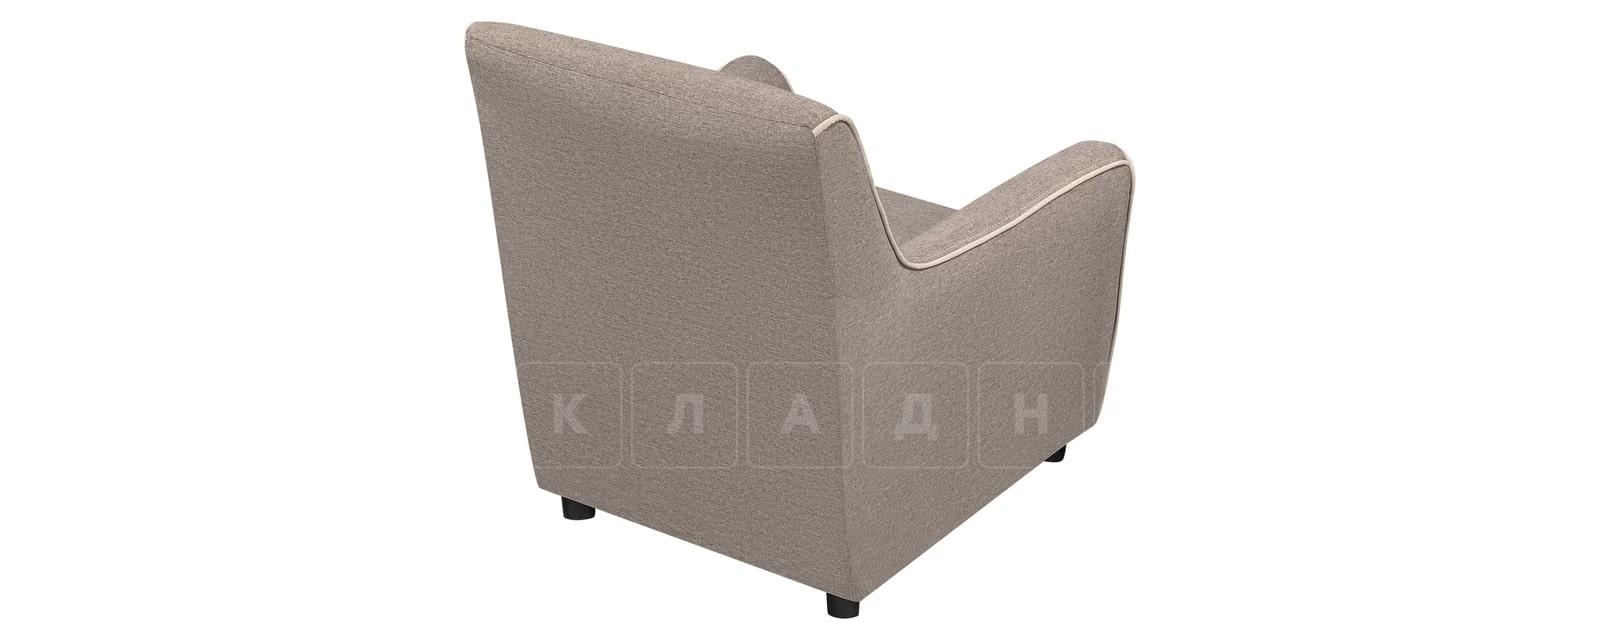 Кресло Флэтфорд рогожка серая фото 3 | интернет-магазин Складно